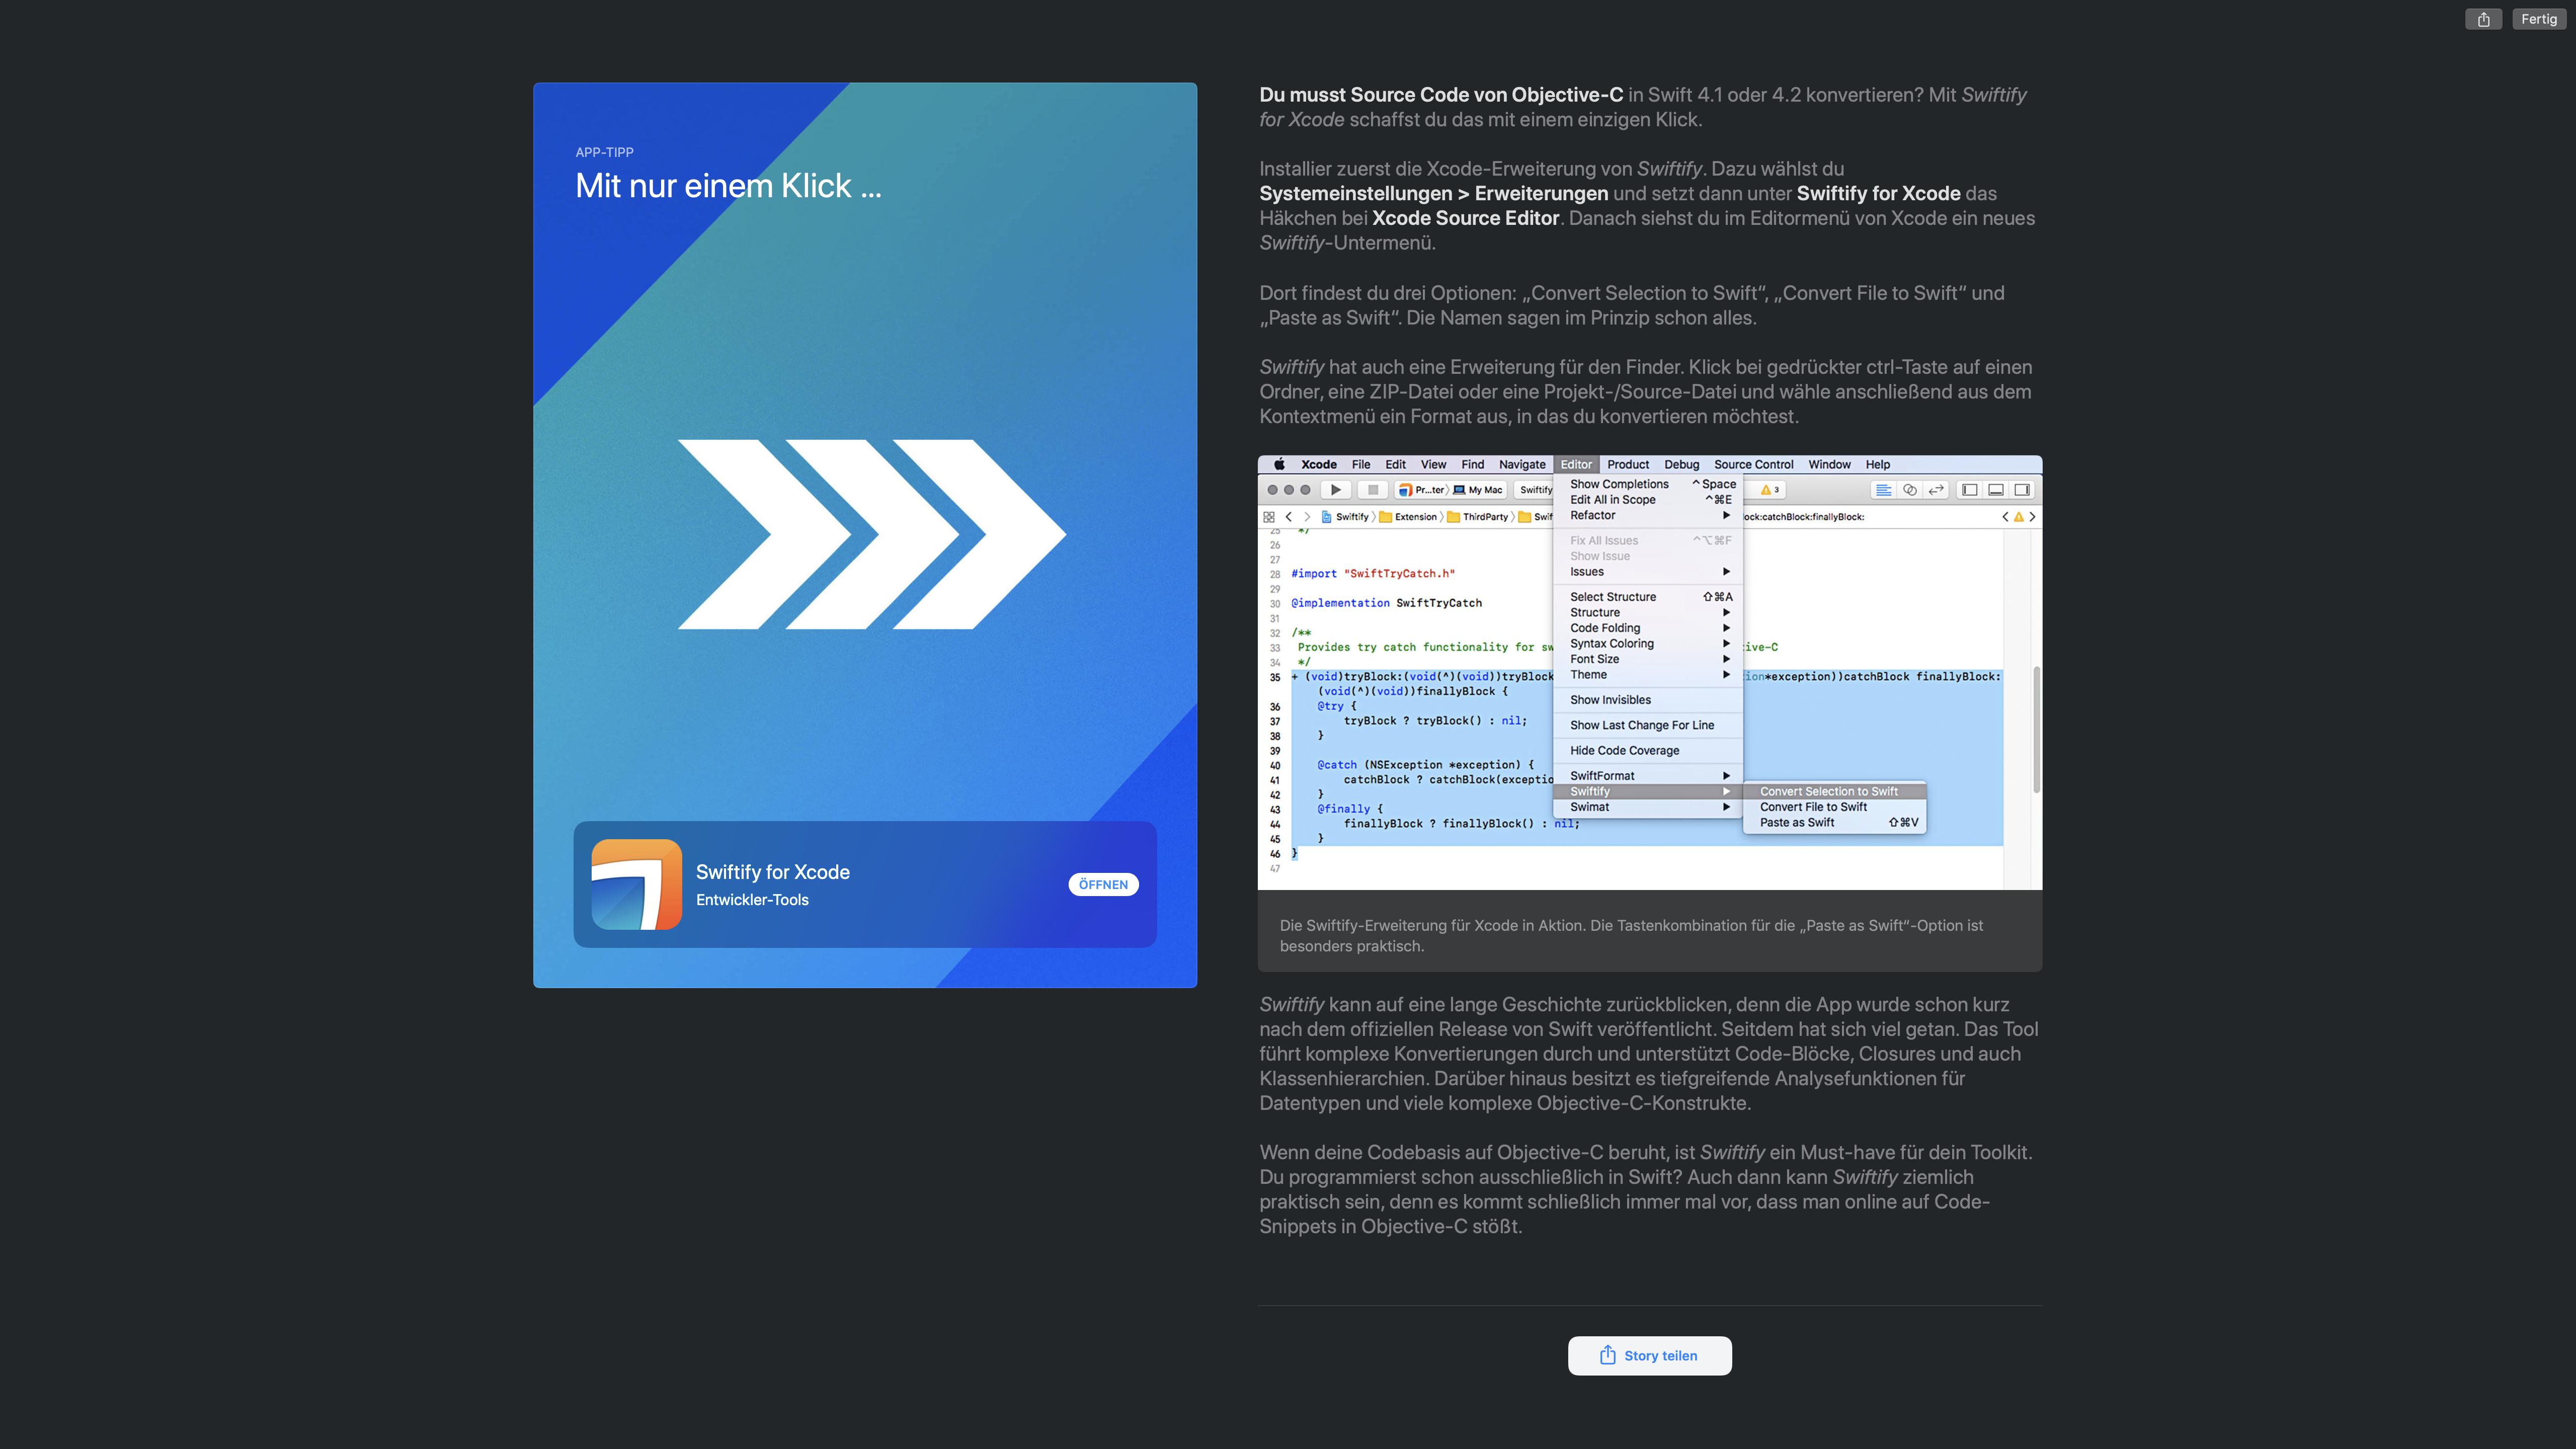 Swiftify ist ein eigener Artikel im Mac App Store gewidmet.